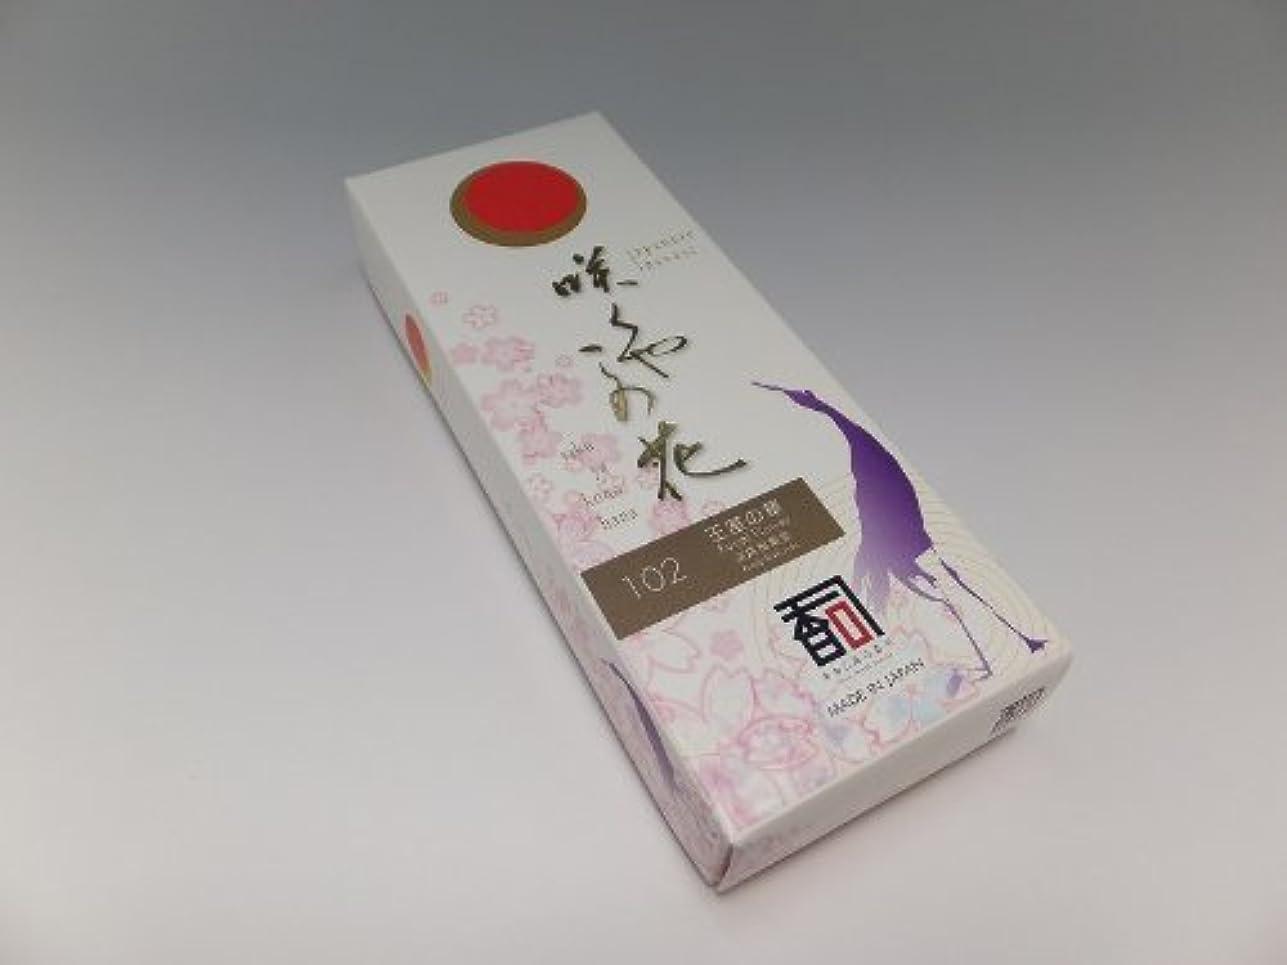 ビット労働者守銭奴「あわじ島の香司」 日本の香りシリーズ  [咲くや この花] 【102】 王室の華 (有煙)